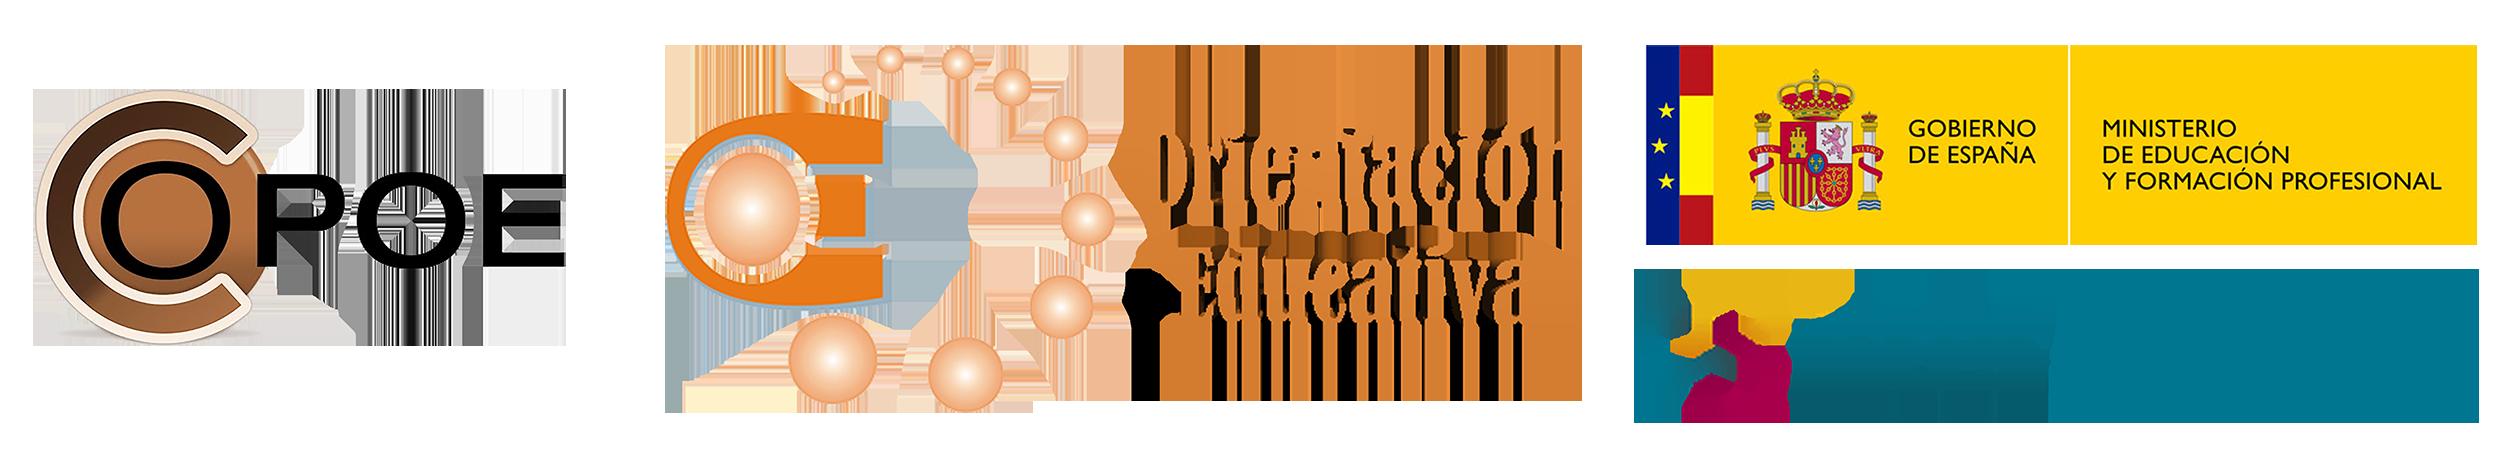 La práctica de la Orientación educativa. Marzo 2021